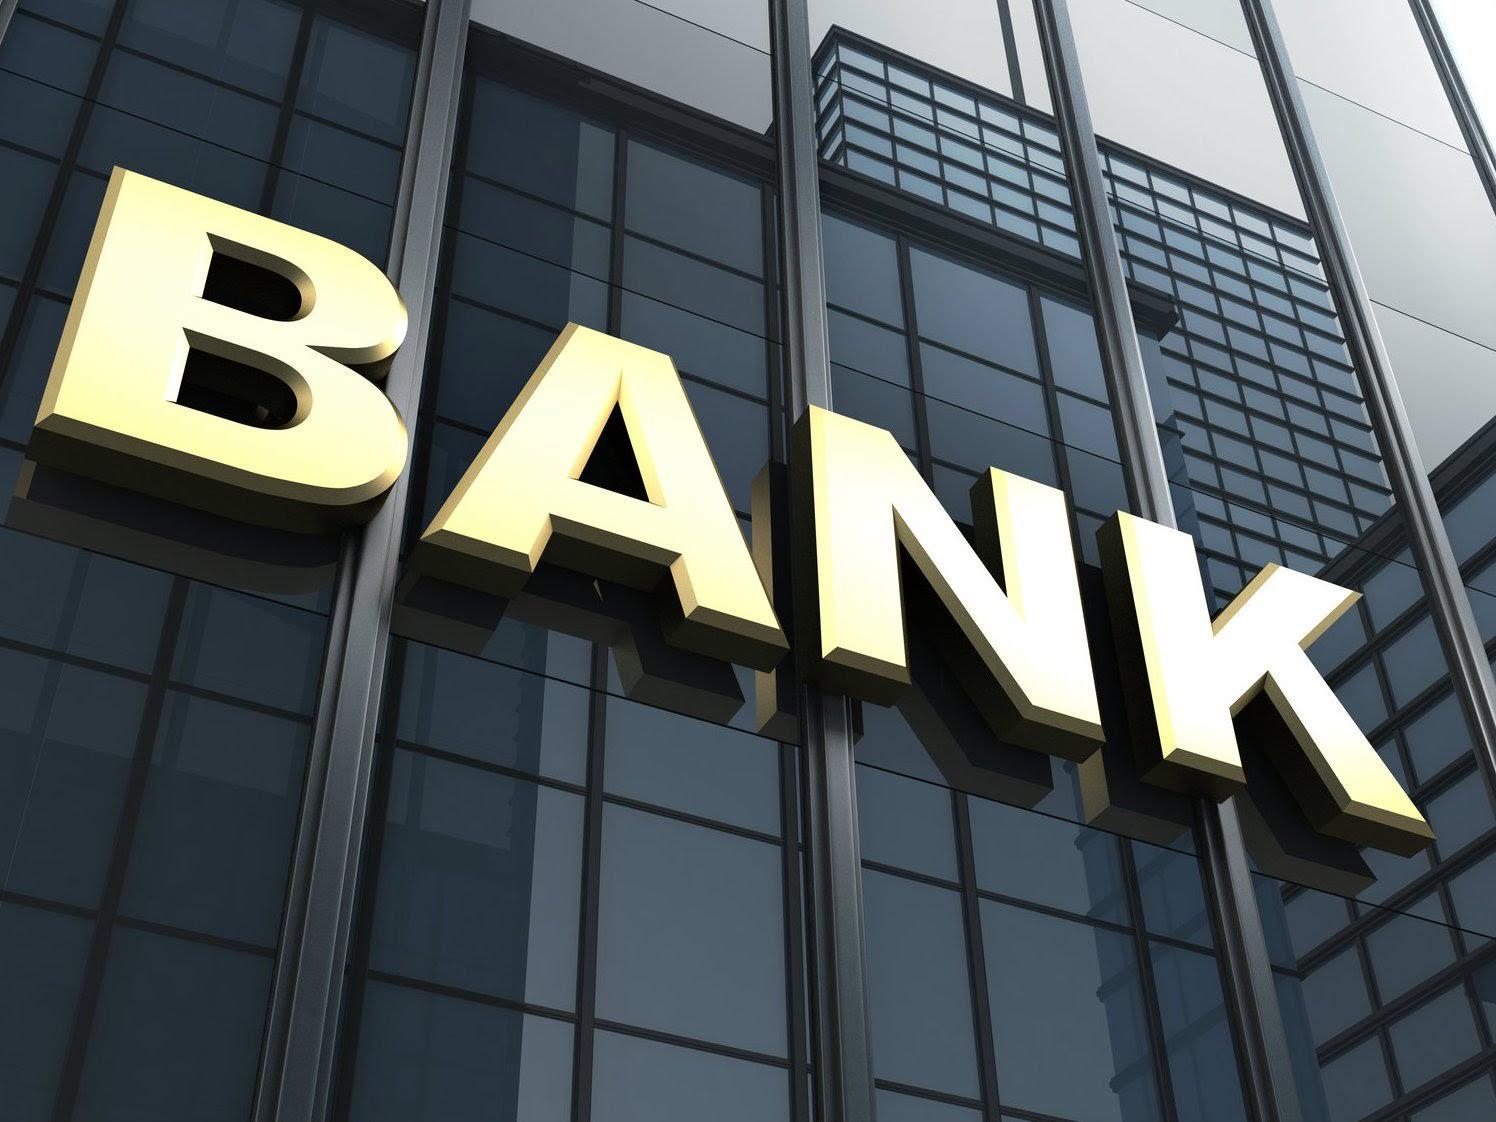 Λύση APS για τα «κόκκινα» δάνεια σκέφτεται το ελληνικό ΥΠΟΙΚ